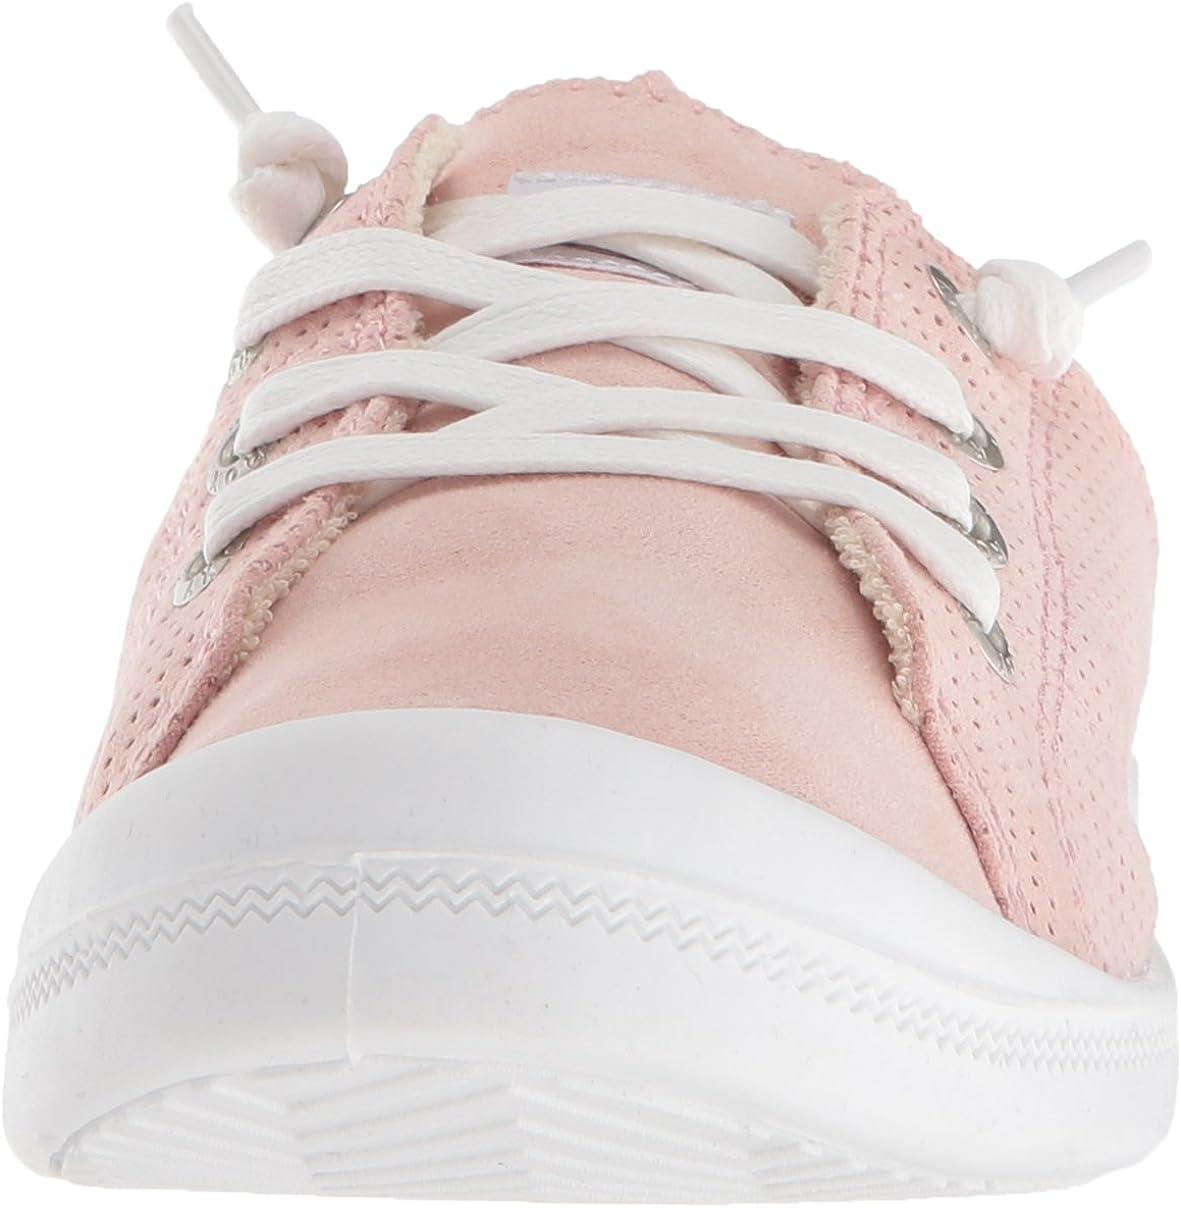 Bayshore Mule Slip on Sneaker Shoe